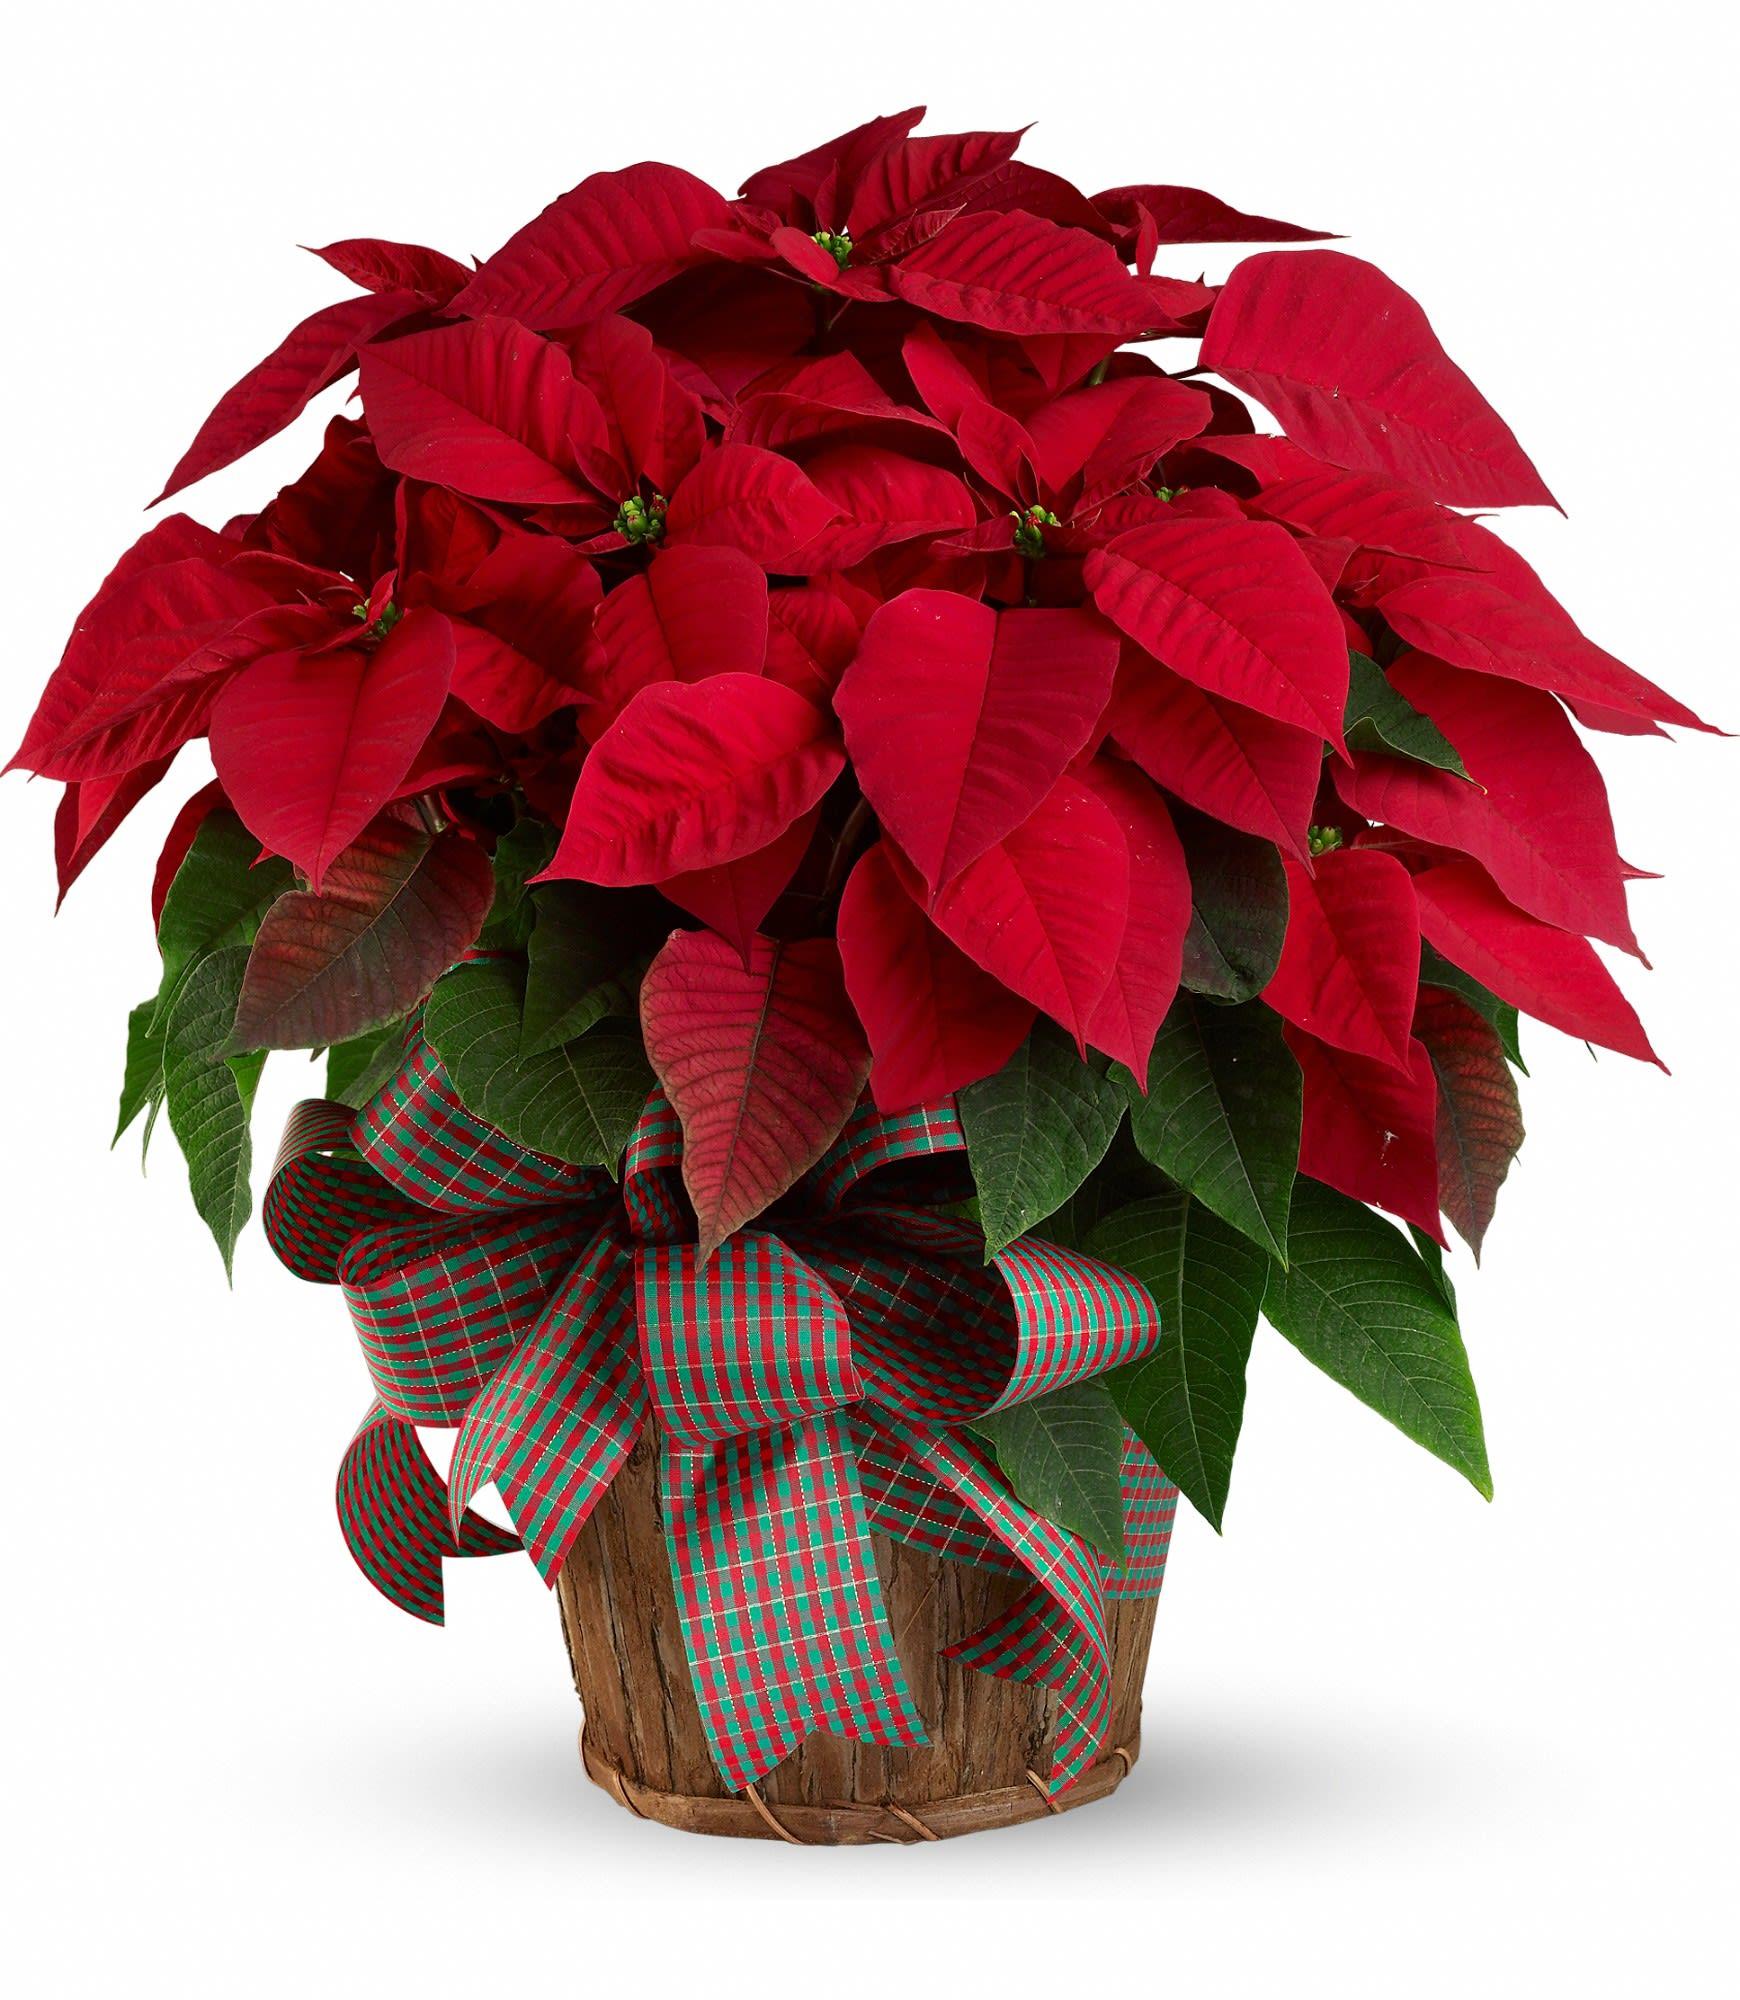 Red Christmas Flower.Large Red Poinsettia In Fullerton Ca Flower Allie